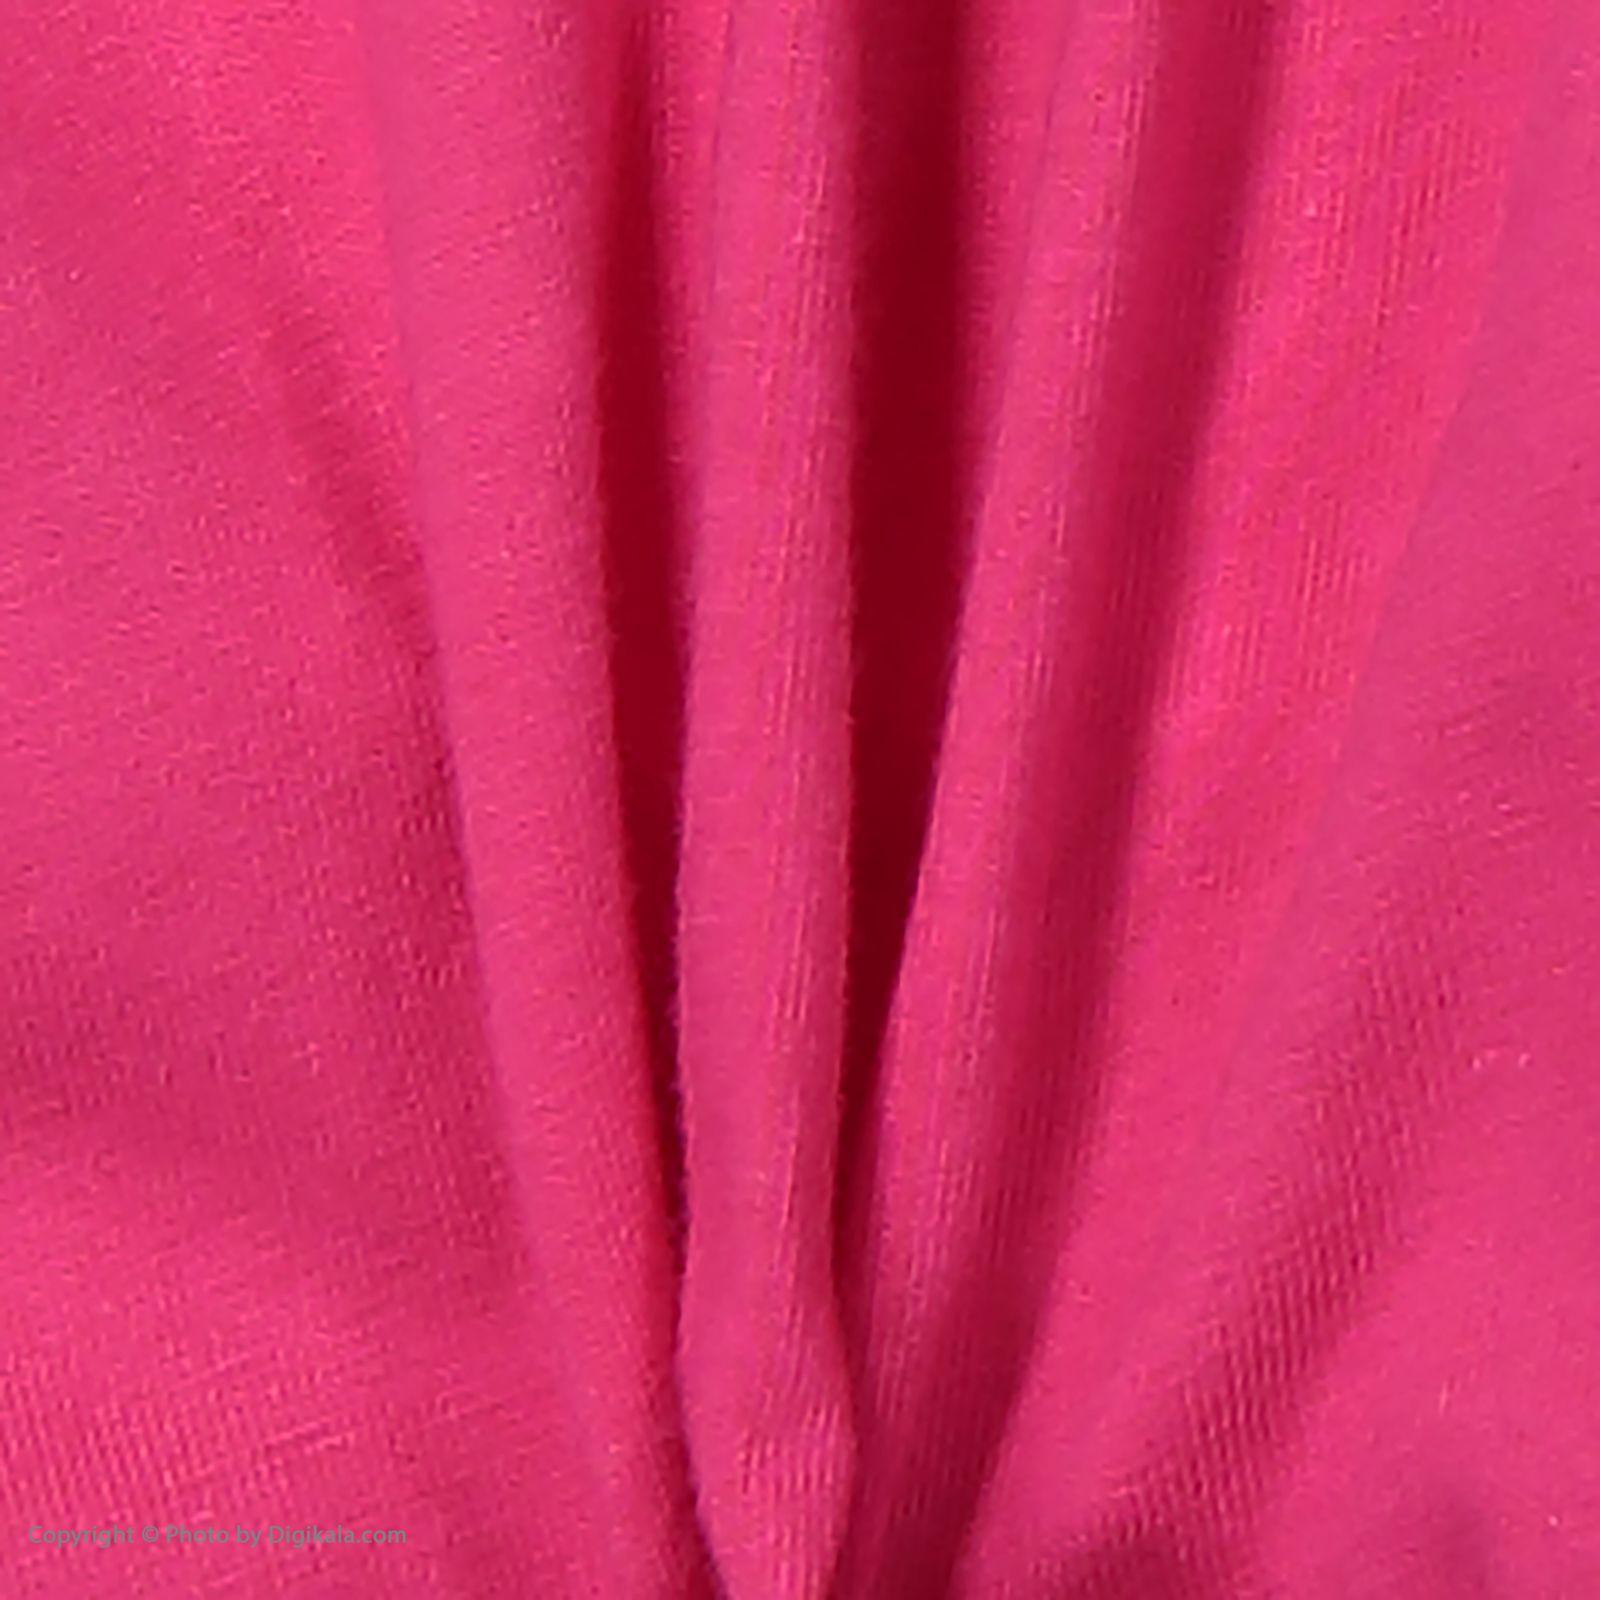 ست پیراهن و شورت نوزادی دخترانه مدل 2171111-88 -  - 10